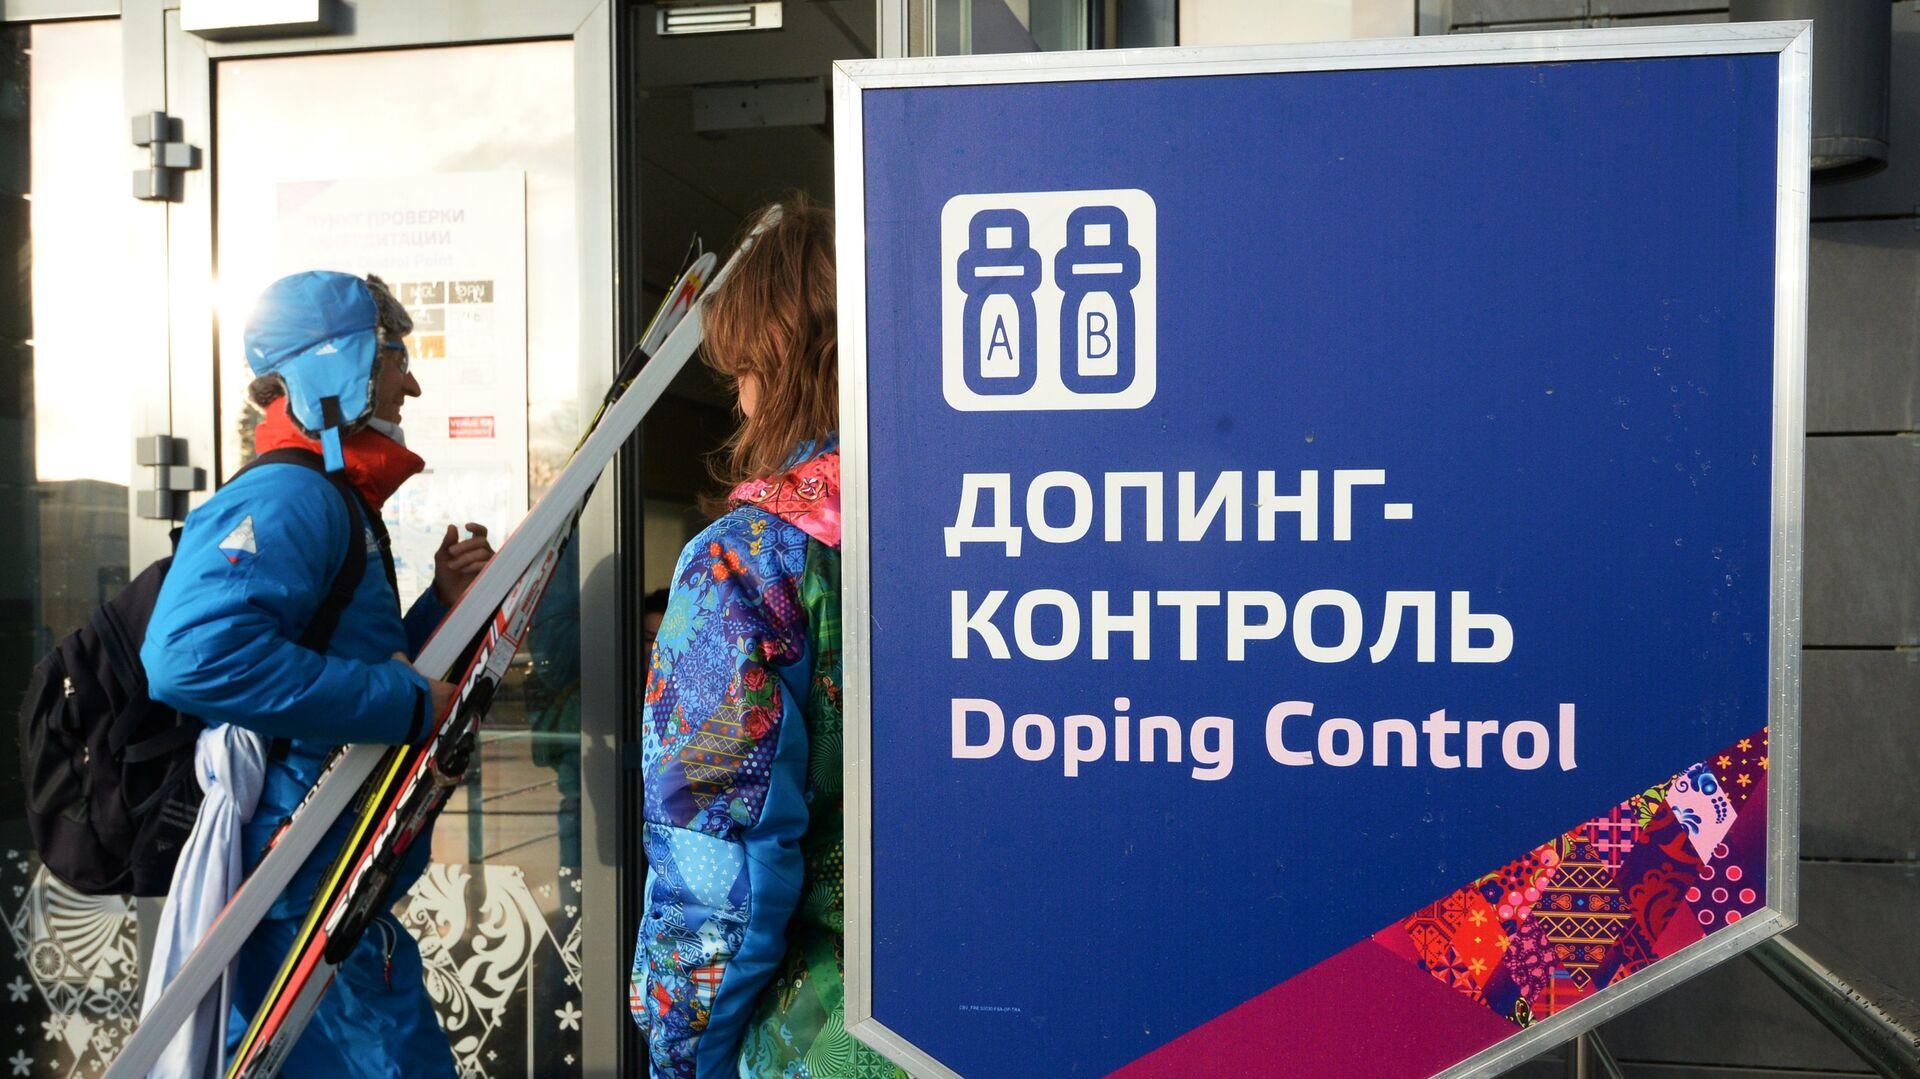 Допинг-контроль - Sputnik Узбекистан, 1920, 27.08.2021